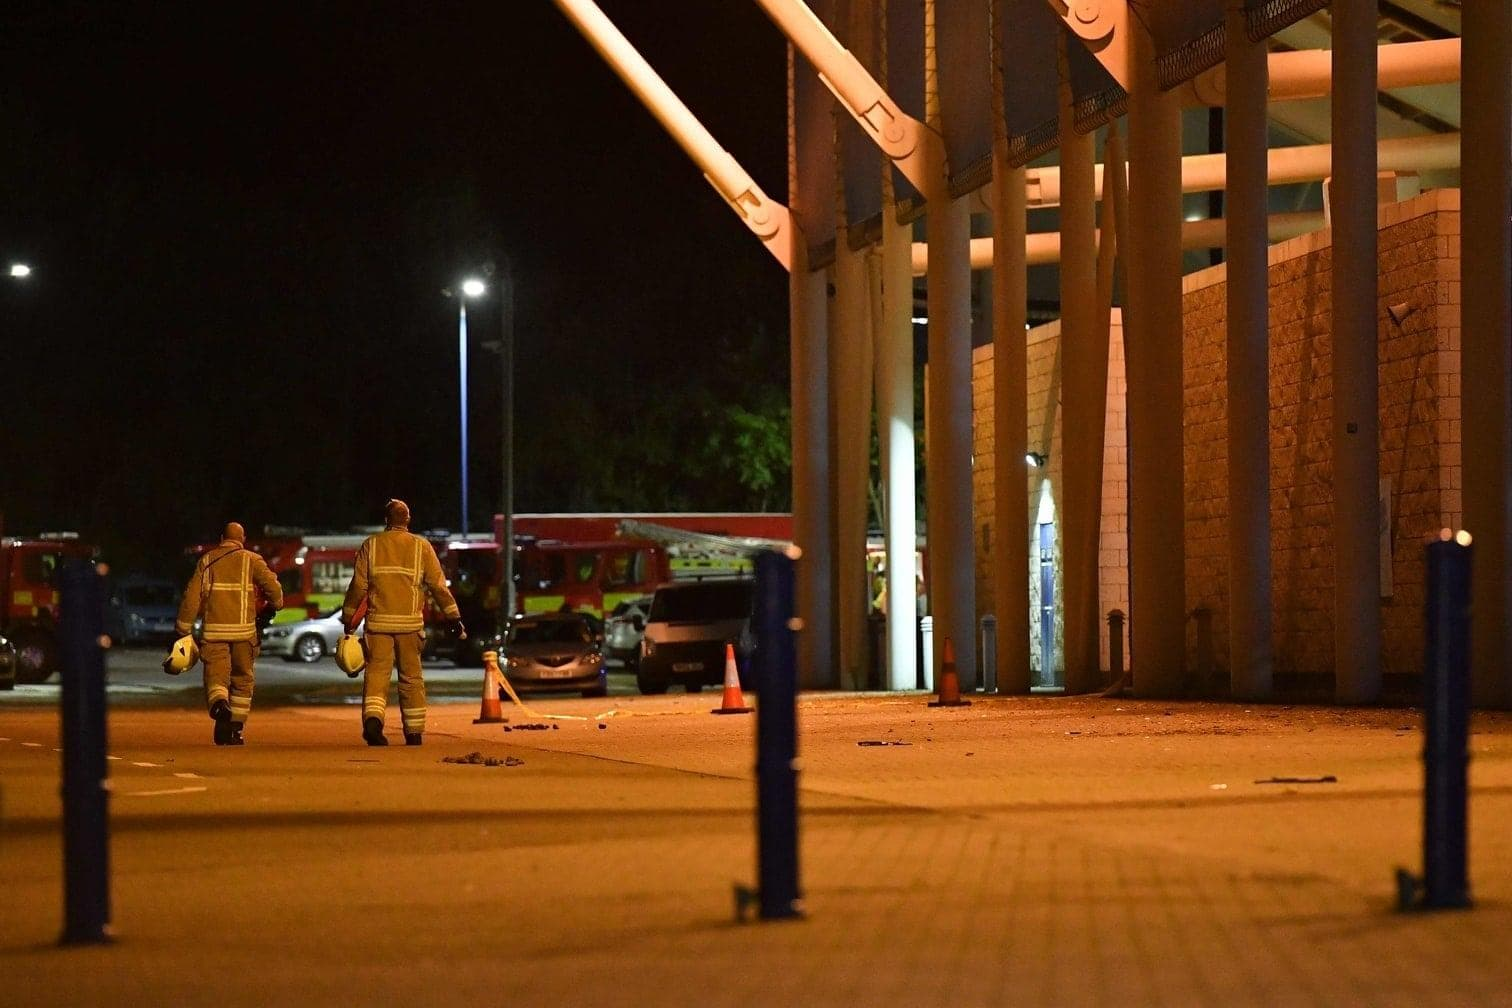 <p>Zunächst gab es keine offiziellen Angaben über die Insassen des Hubschraubers und ihren Gesundheitszustand. </p> Foto: AFP/Ben Stansall